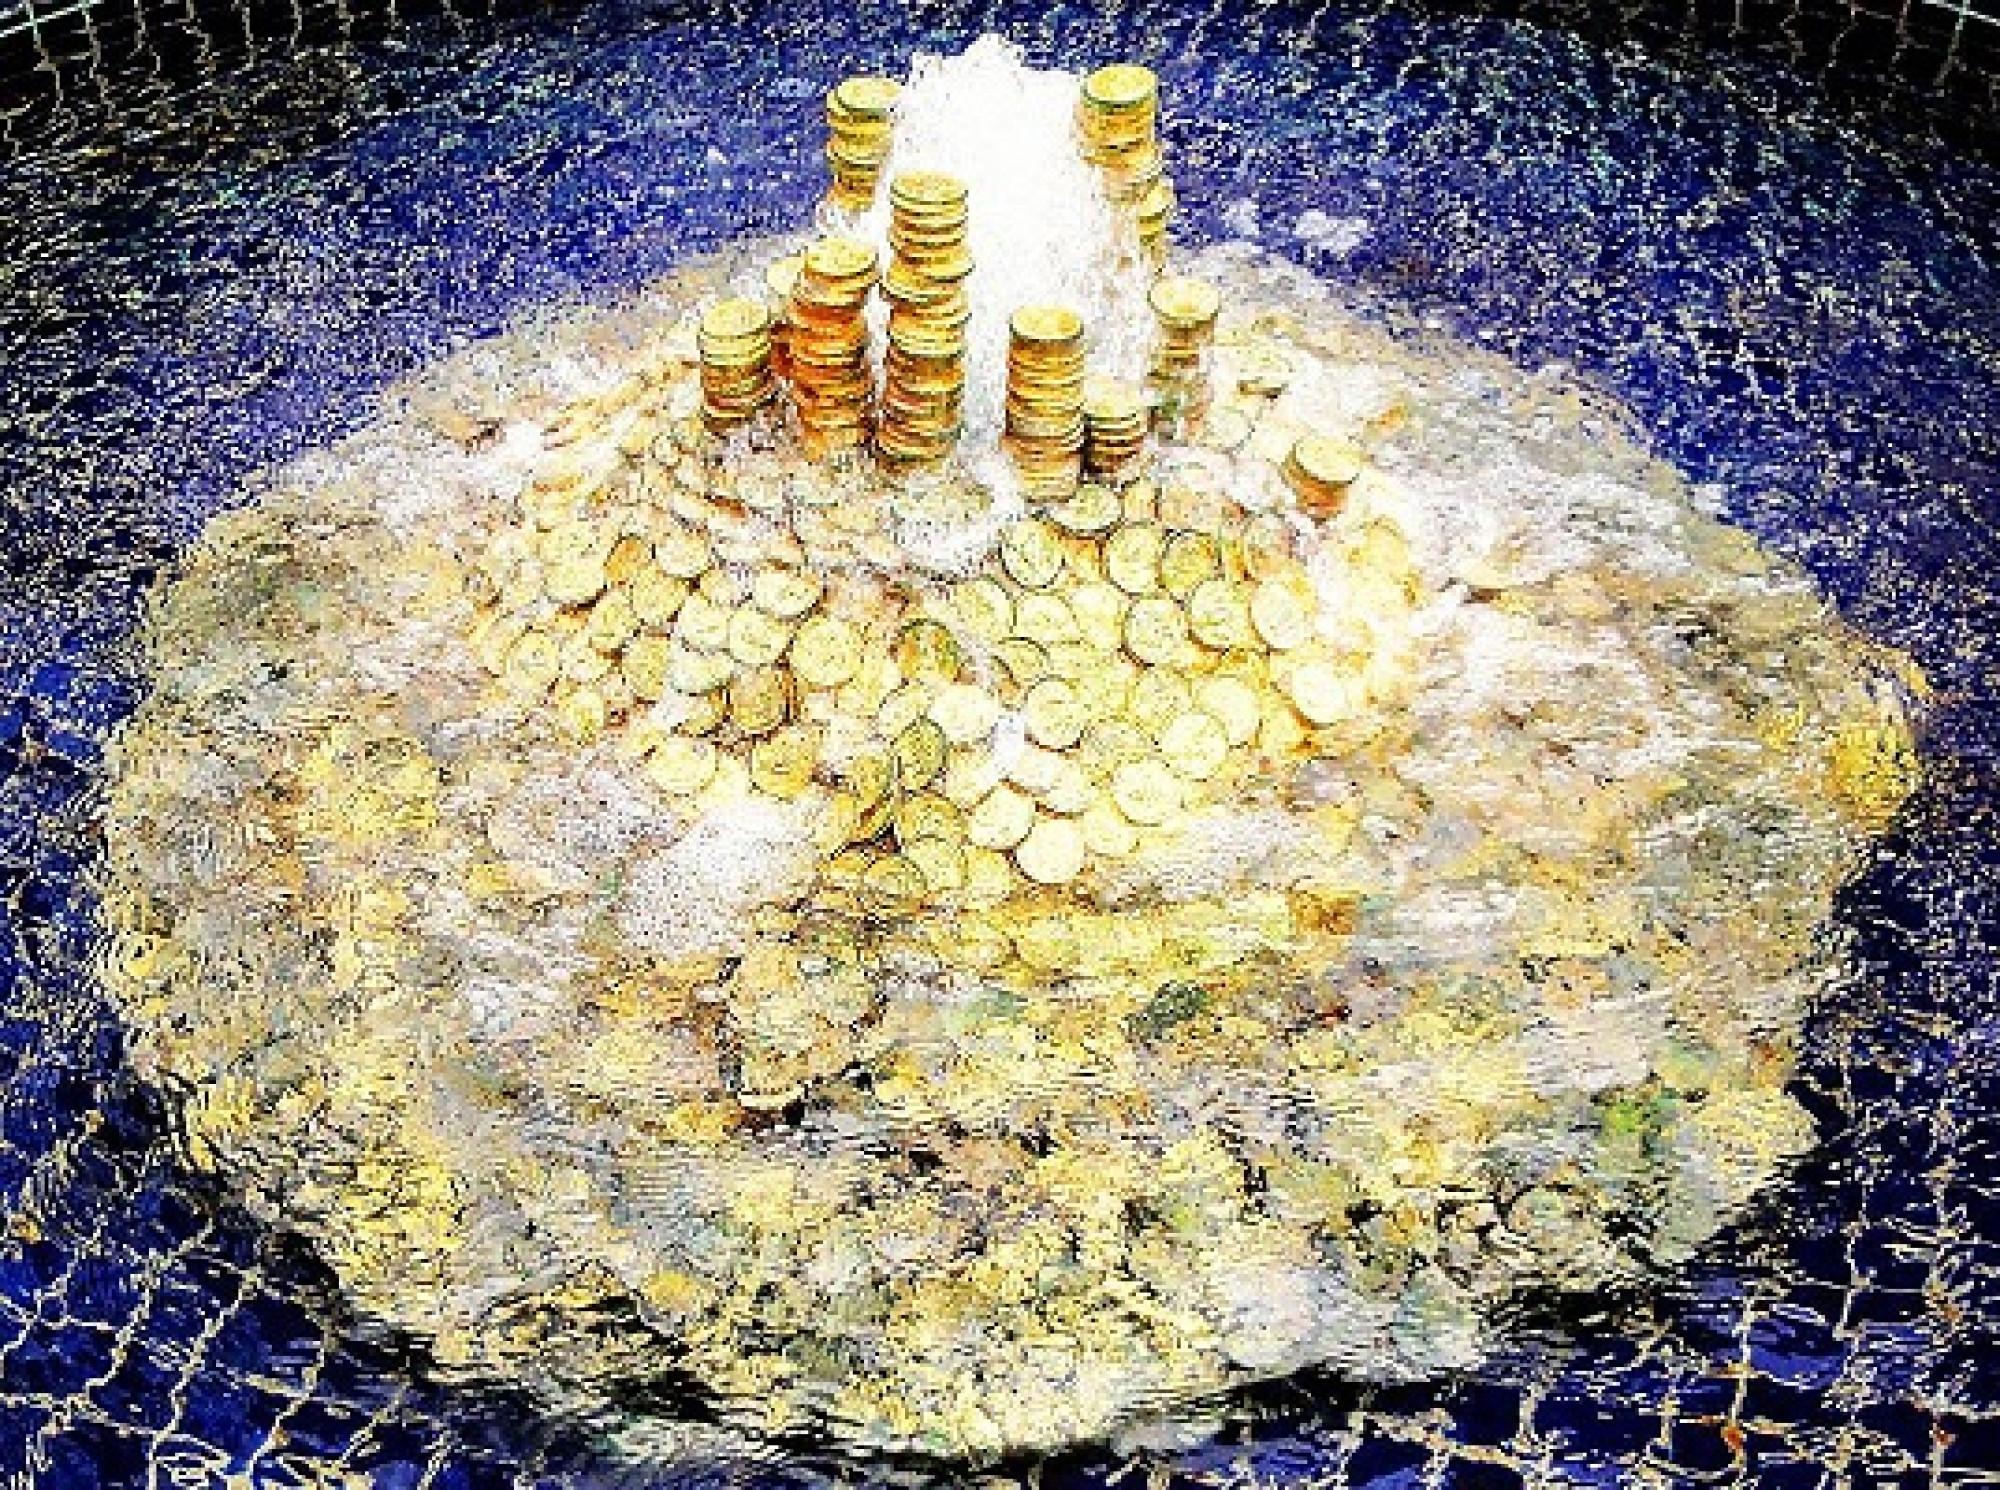 金貨の噴水が目印